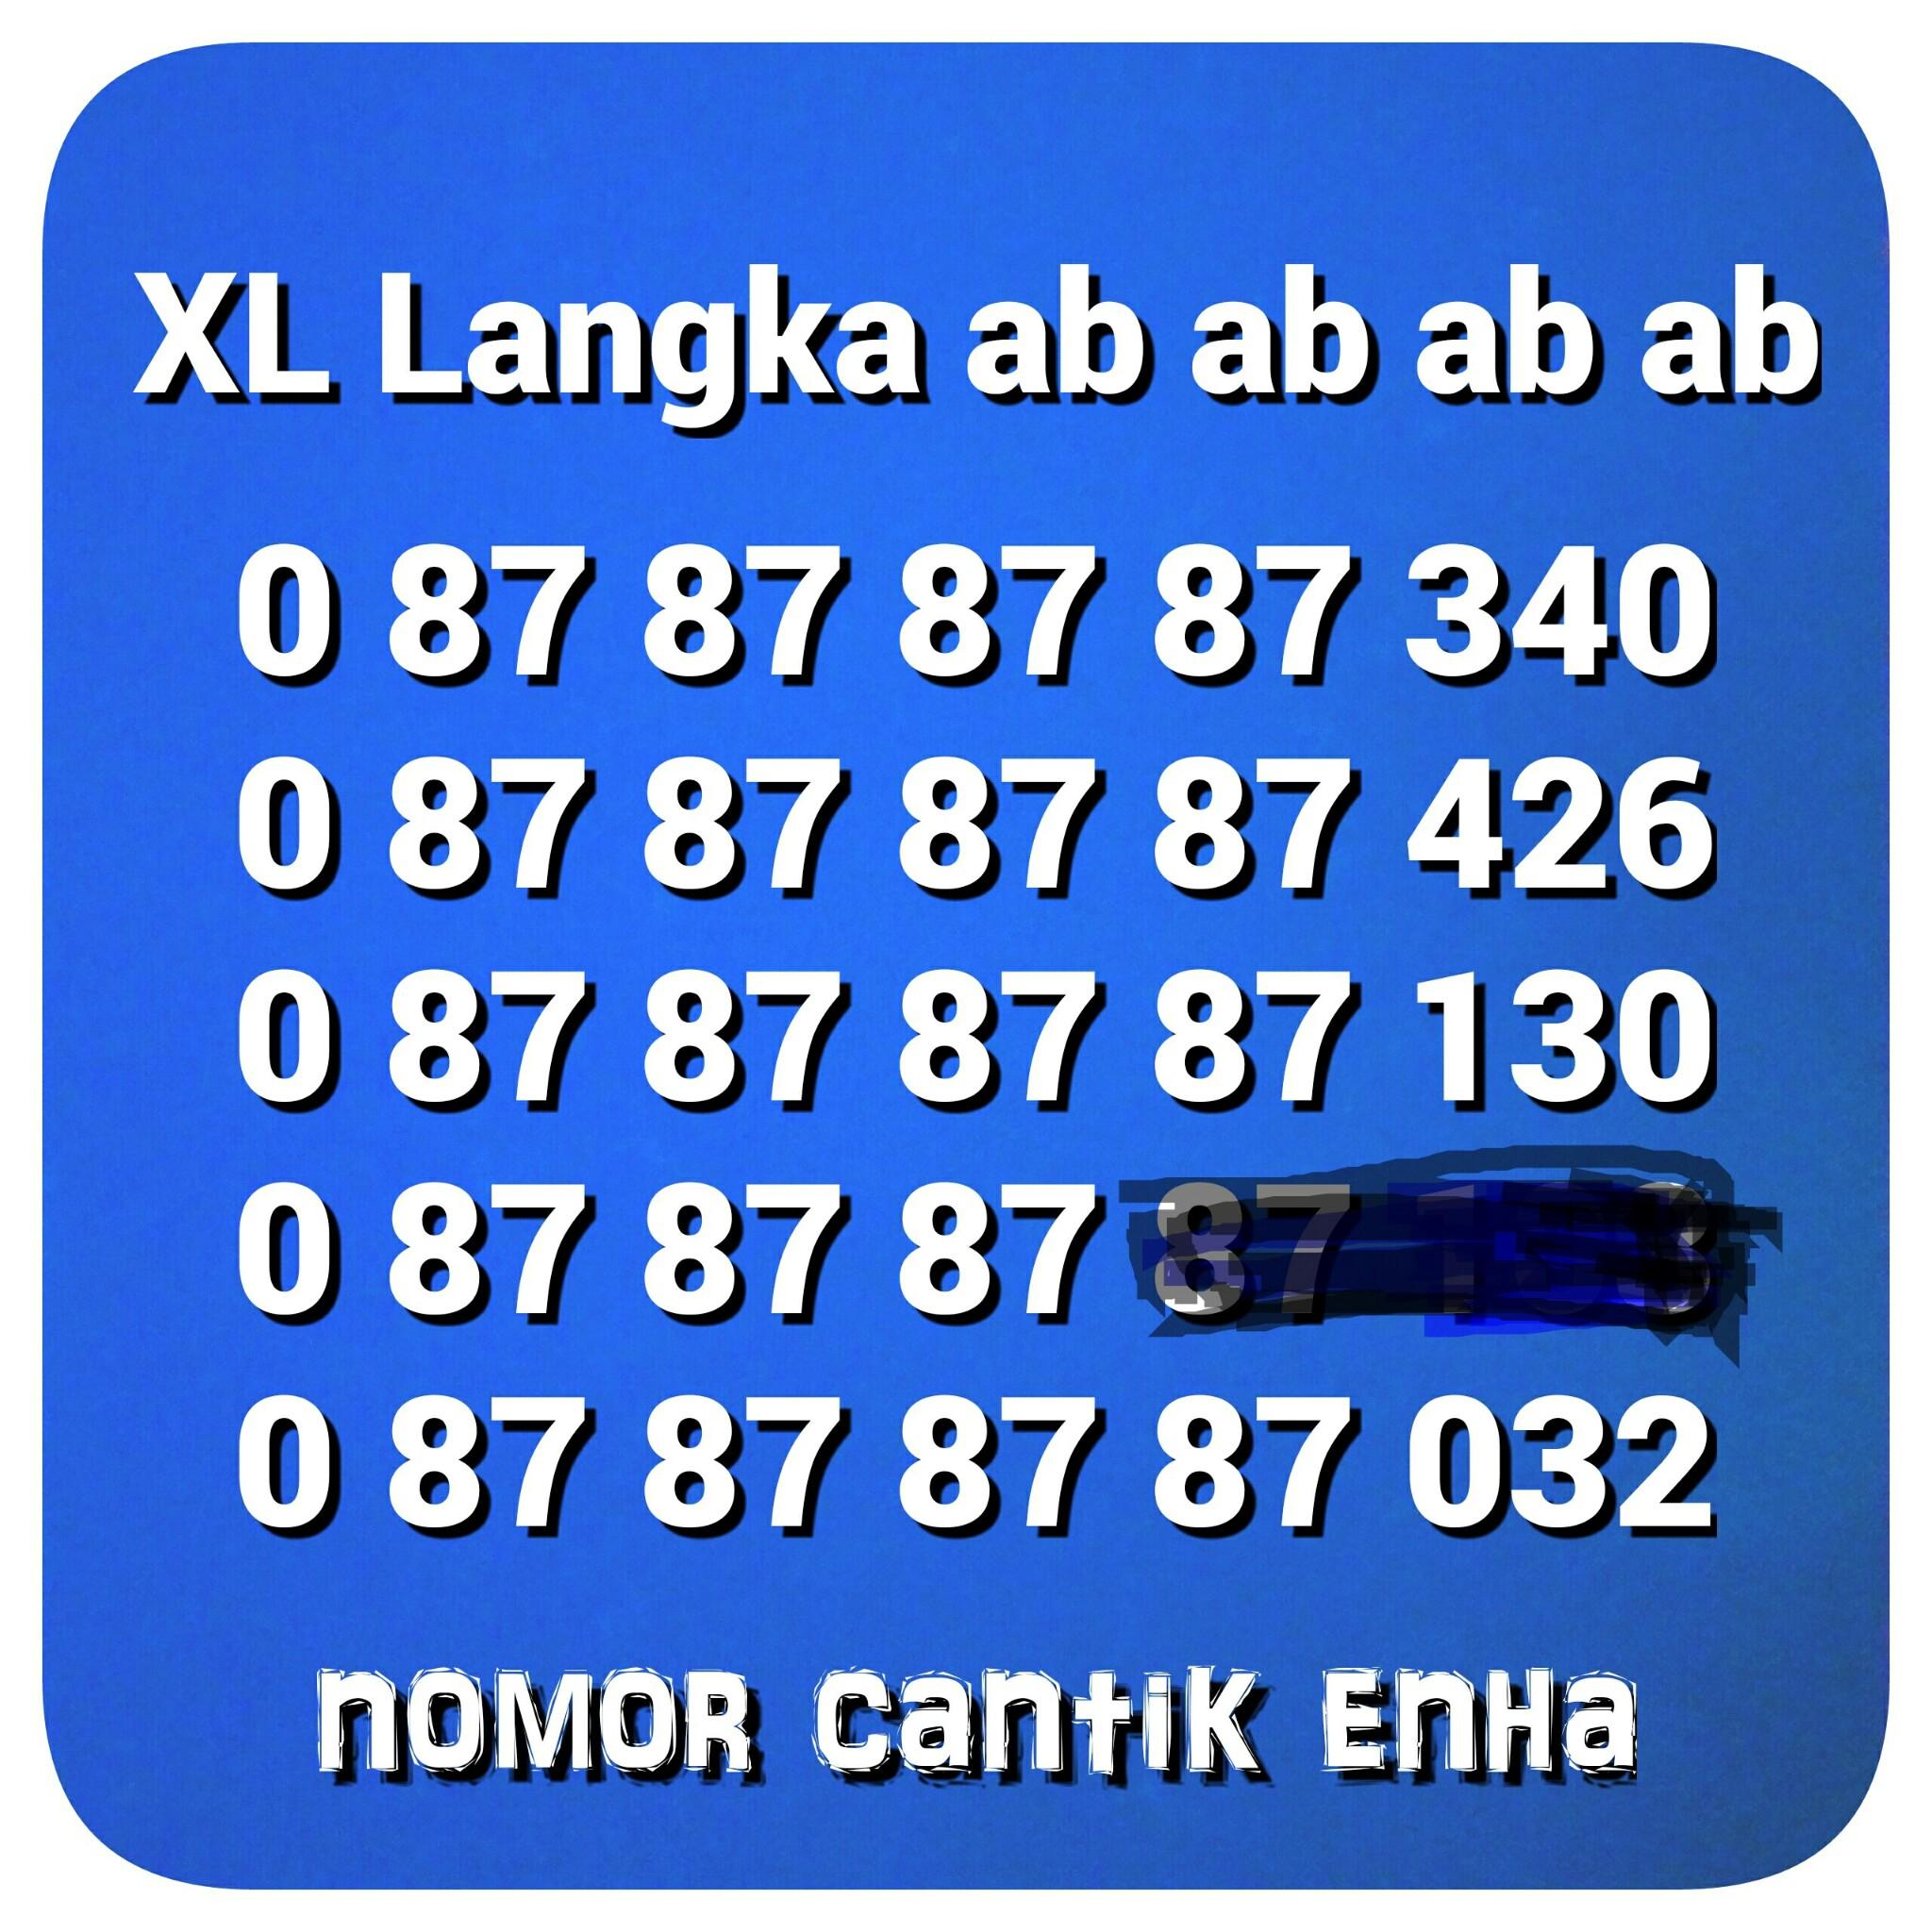 nomor cantik xl langka ab ab ab 0 87 87 87 87 xxx